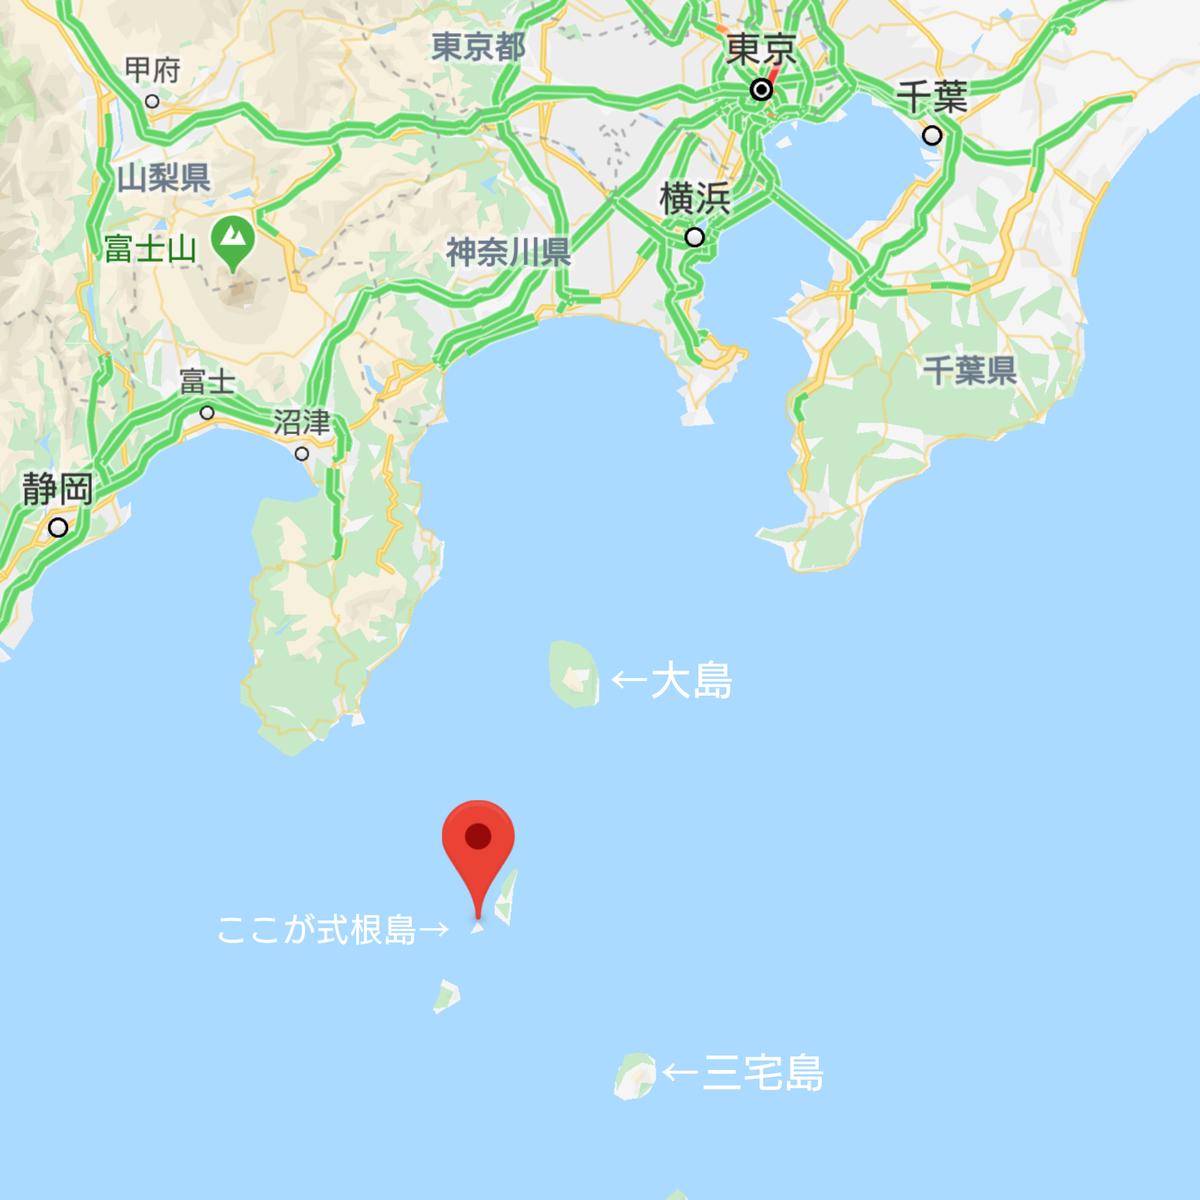 f:id:fuzuki-satuki:20190703230541j:plain